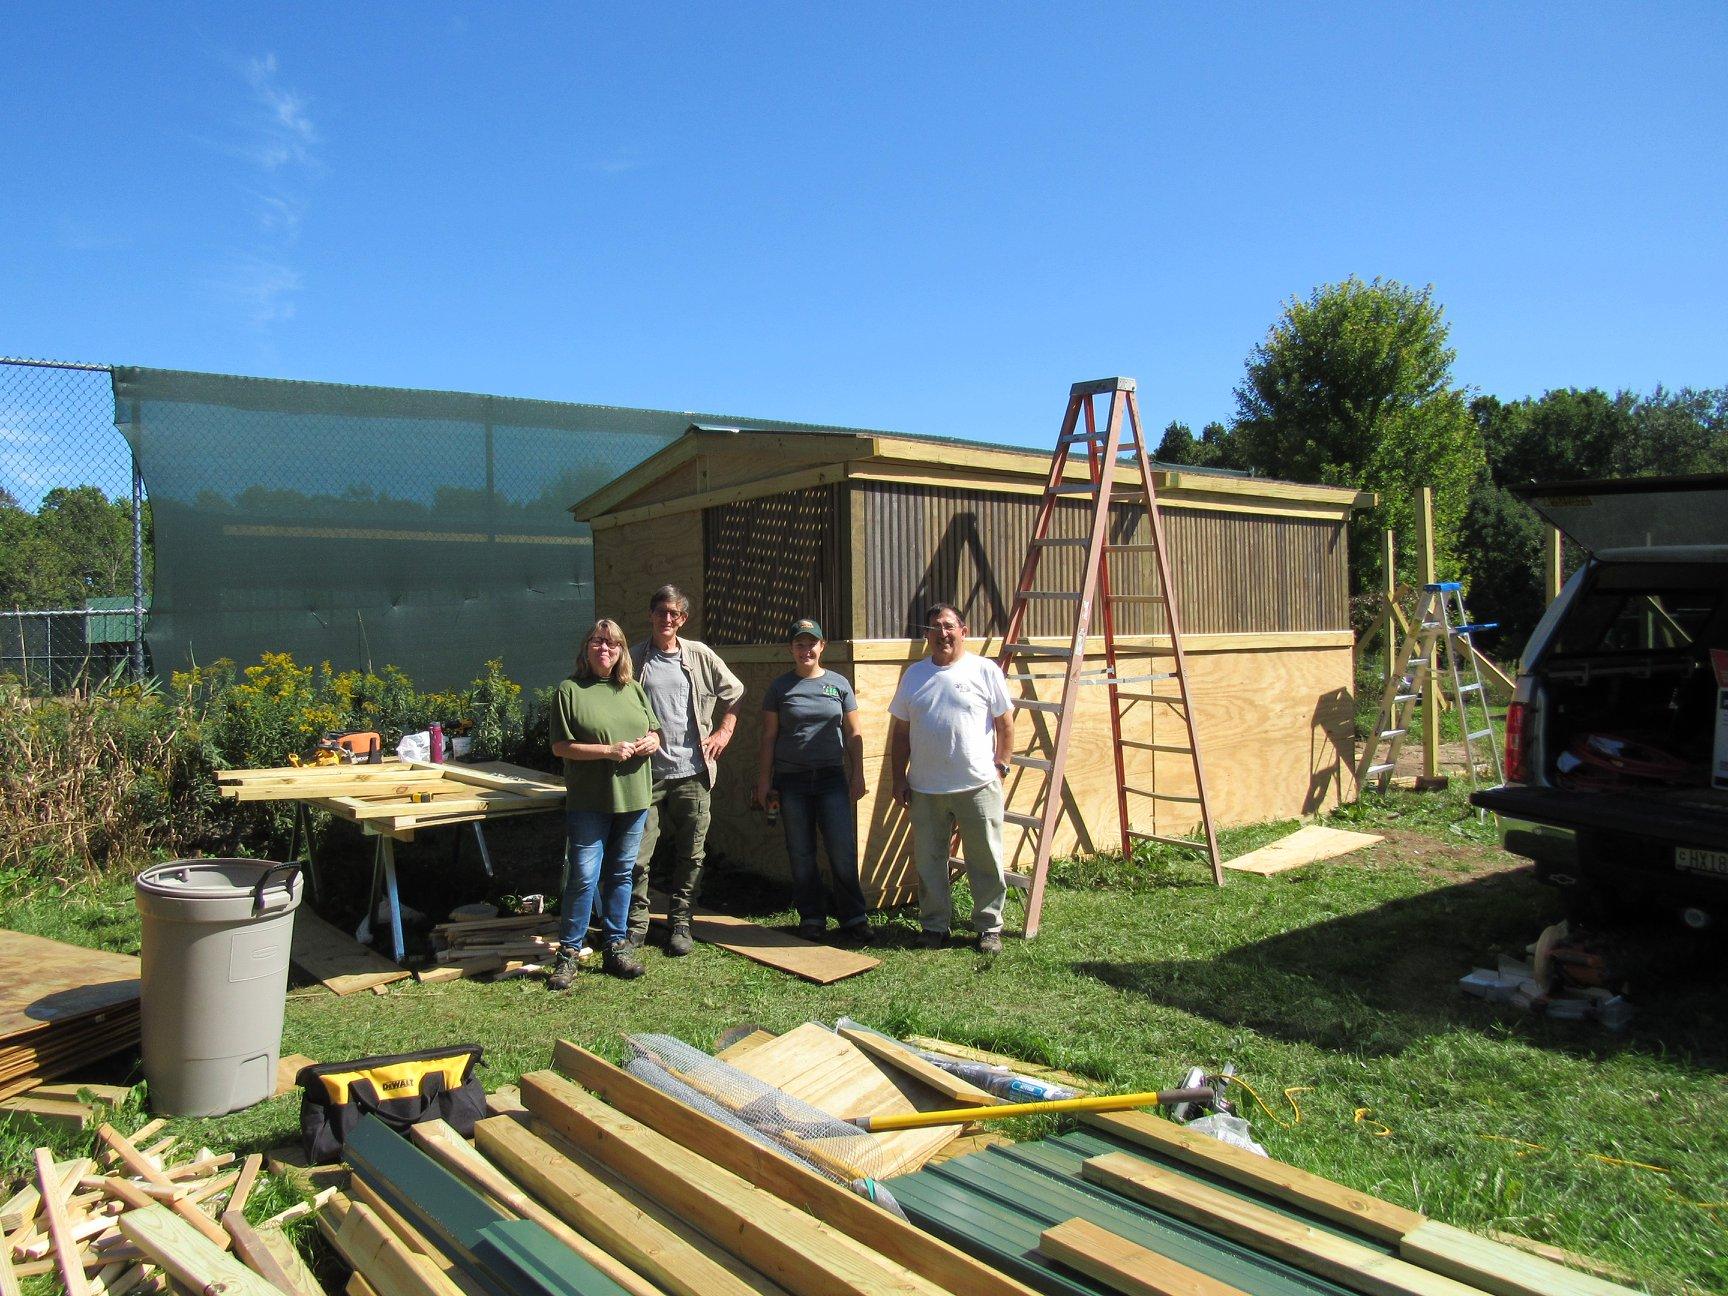 The work crew! Jill Trachte , Bill William F Trachte Jr , Greg Toon , Katie Cyr hard at work!